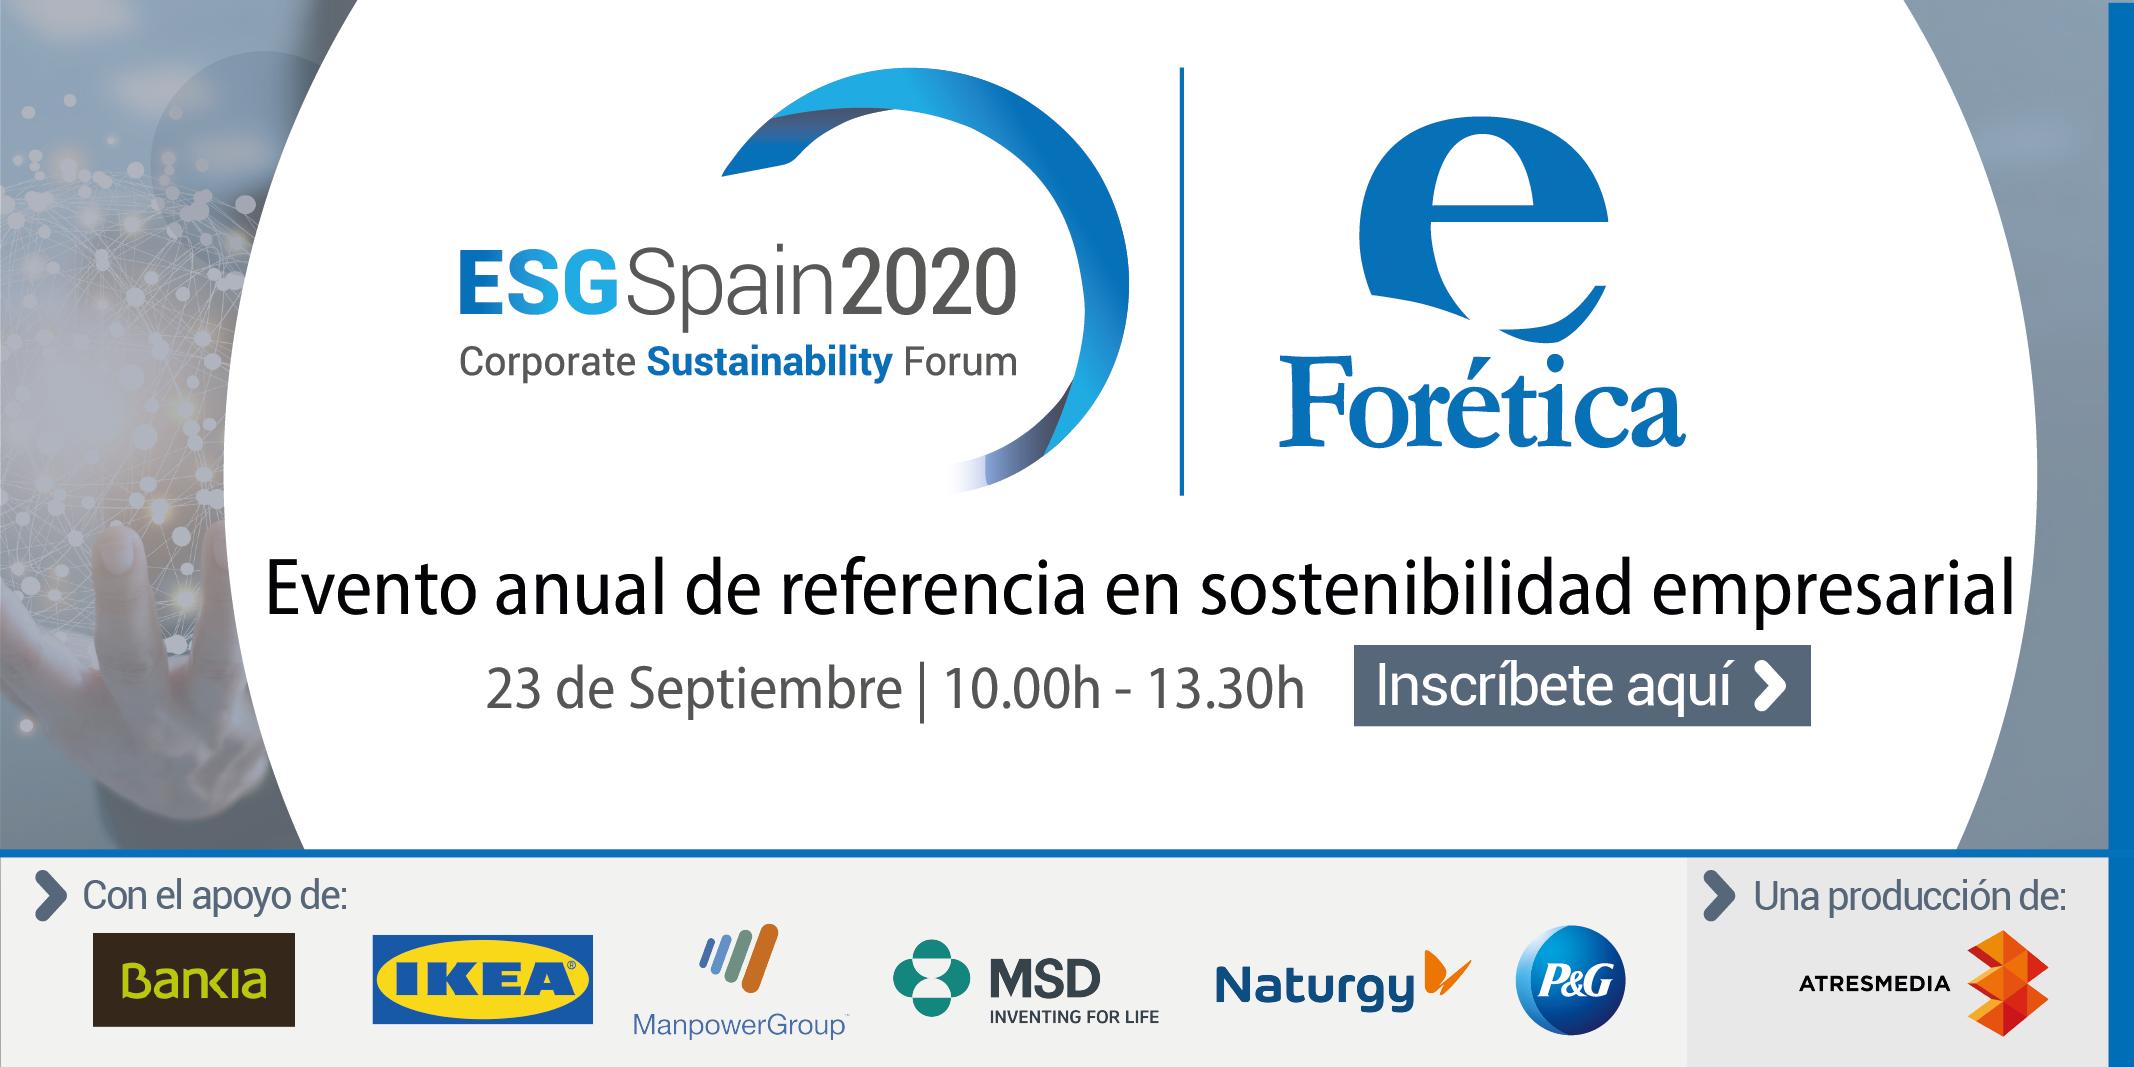 ESG Spain 2020: Corporate Sustainability Forum